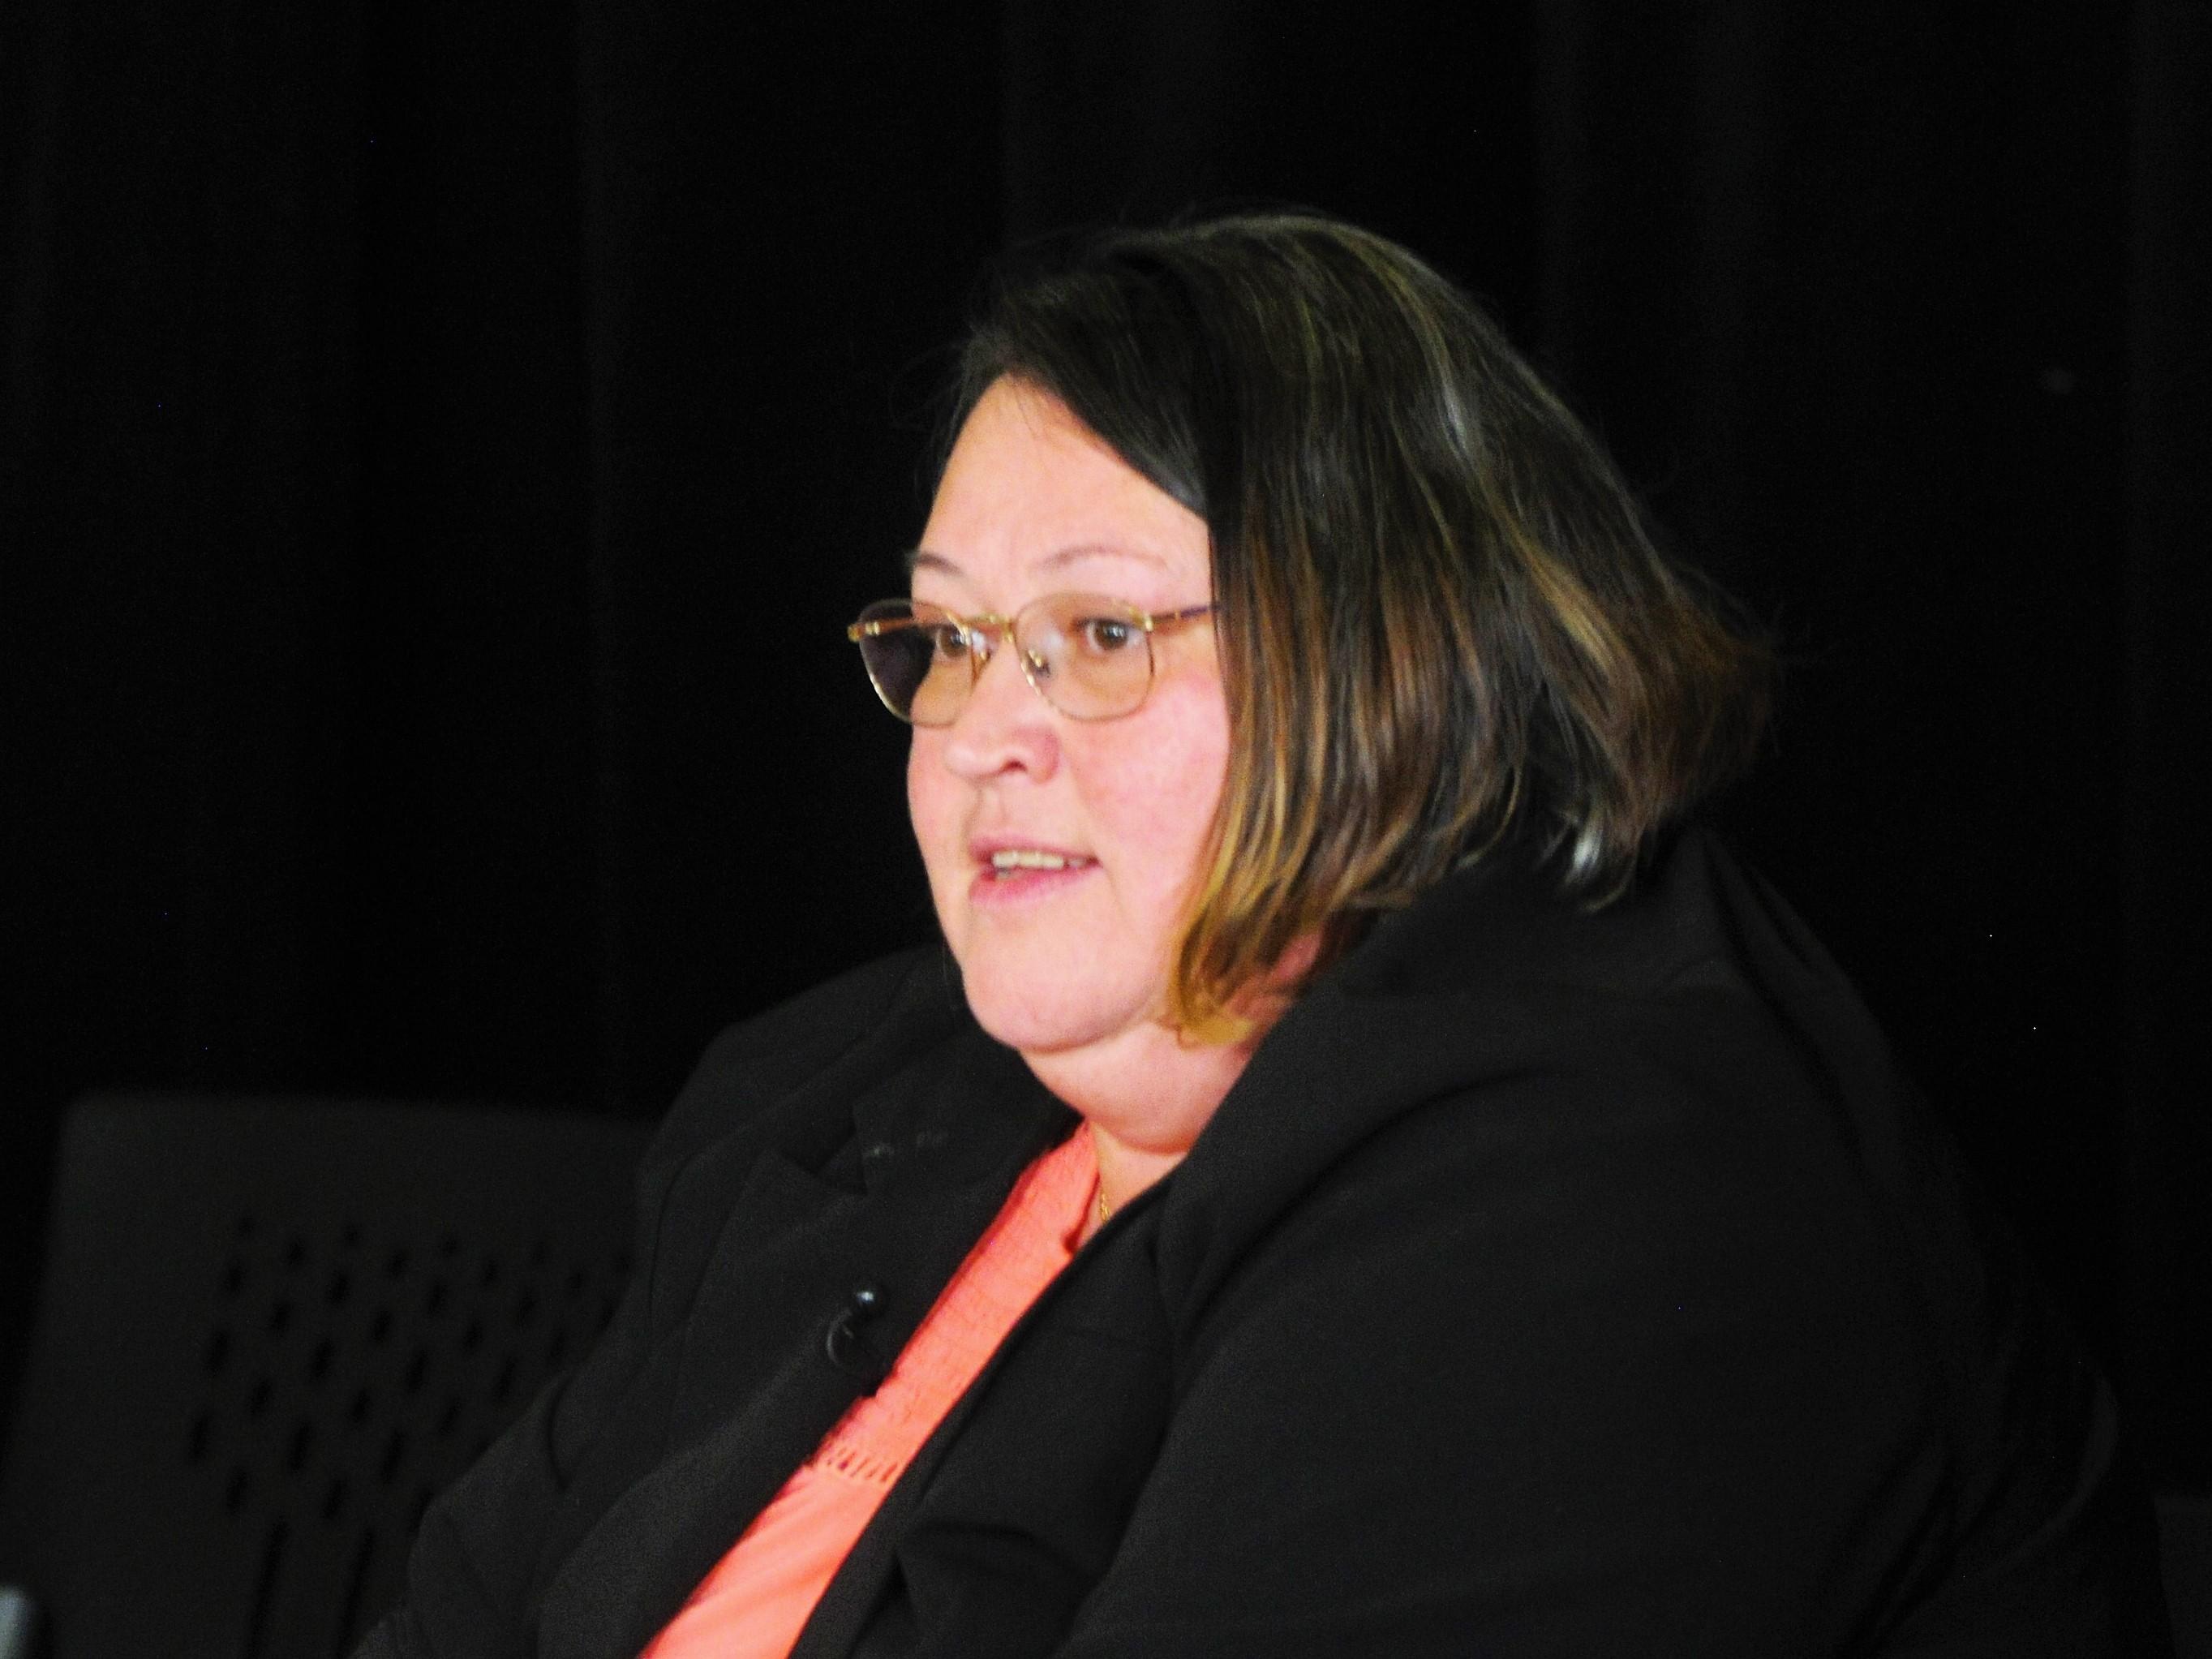 Pauline Lameboy